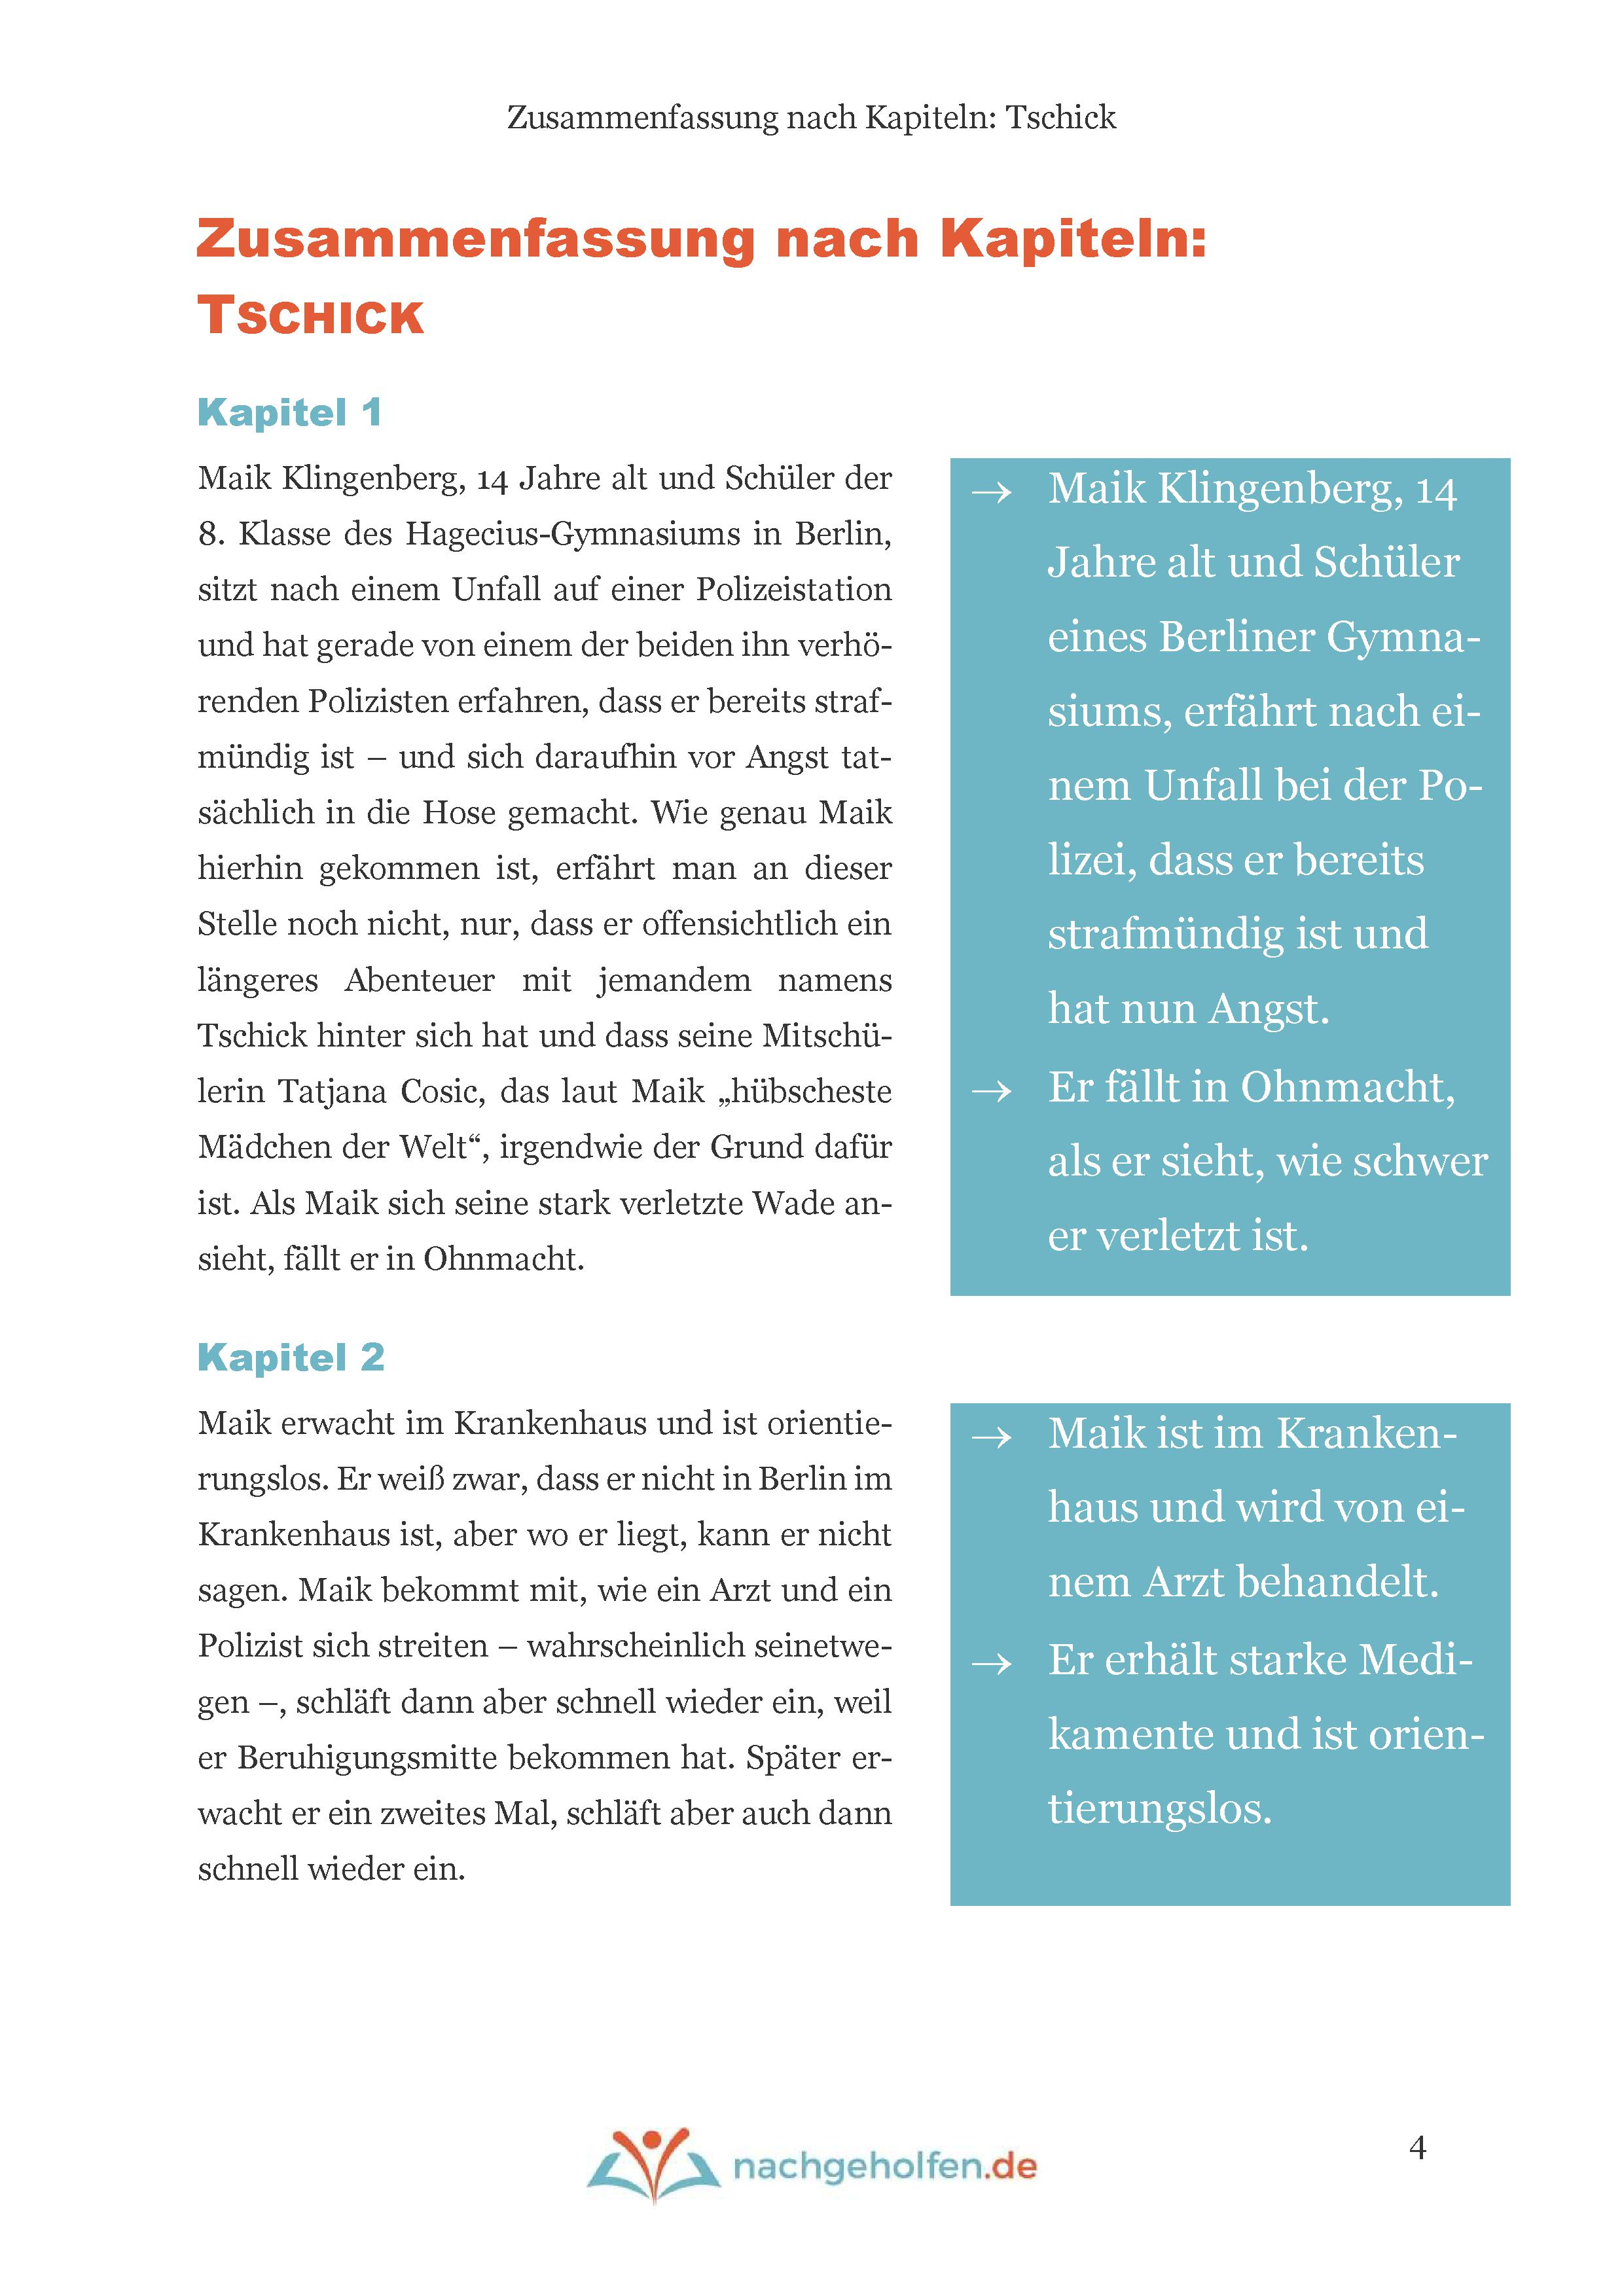 TSCHICK Zusammenfassung und Inhalt auf nachgeholfen.de